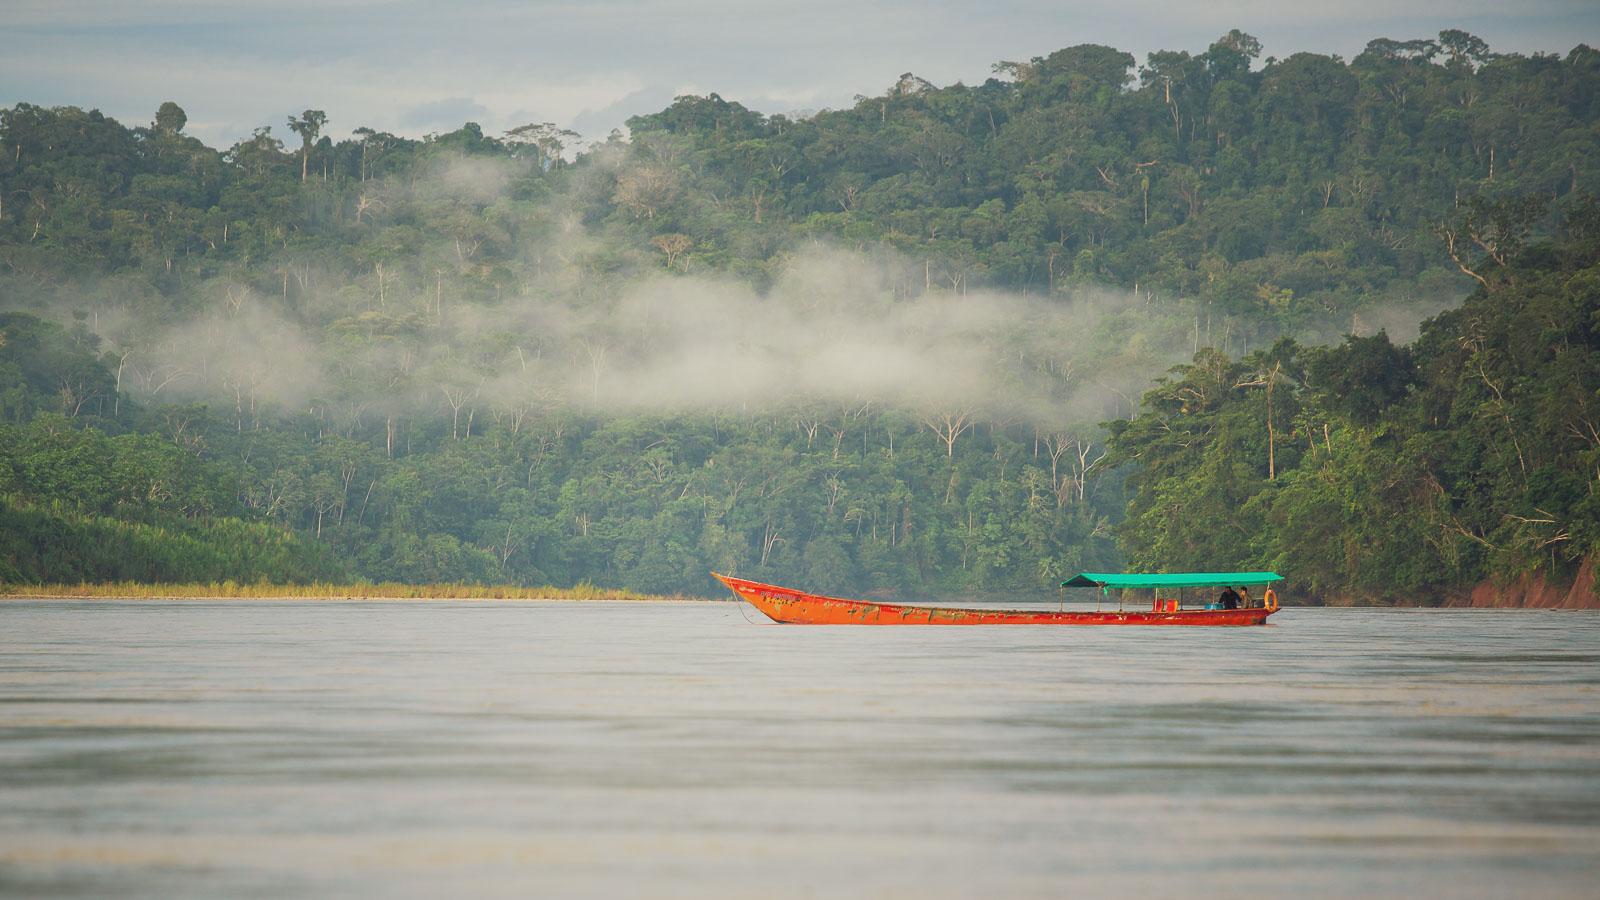 Perú: Espiritu Pampa – Atalaya via the Rio Urubamba